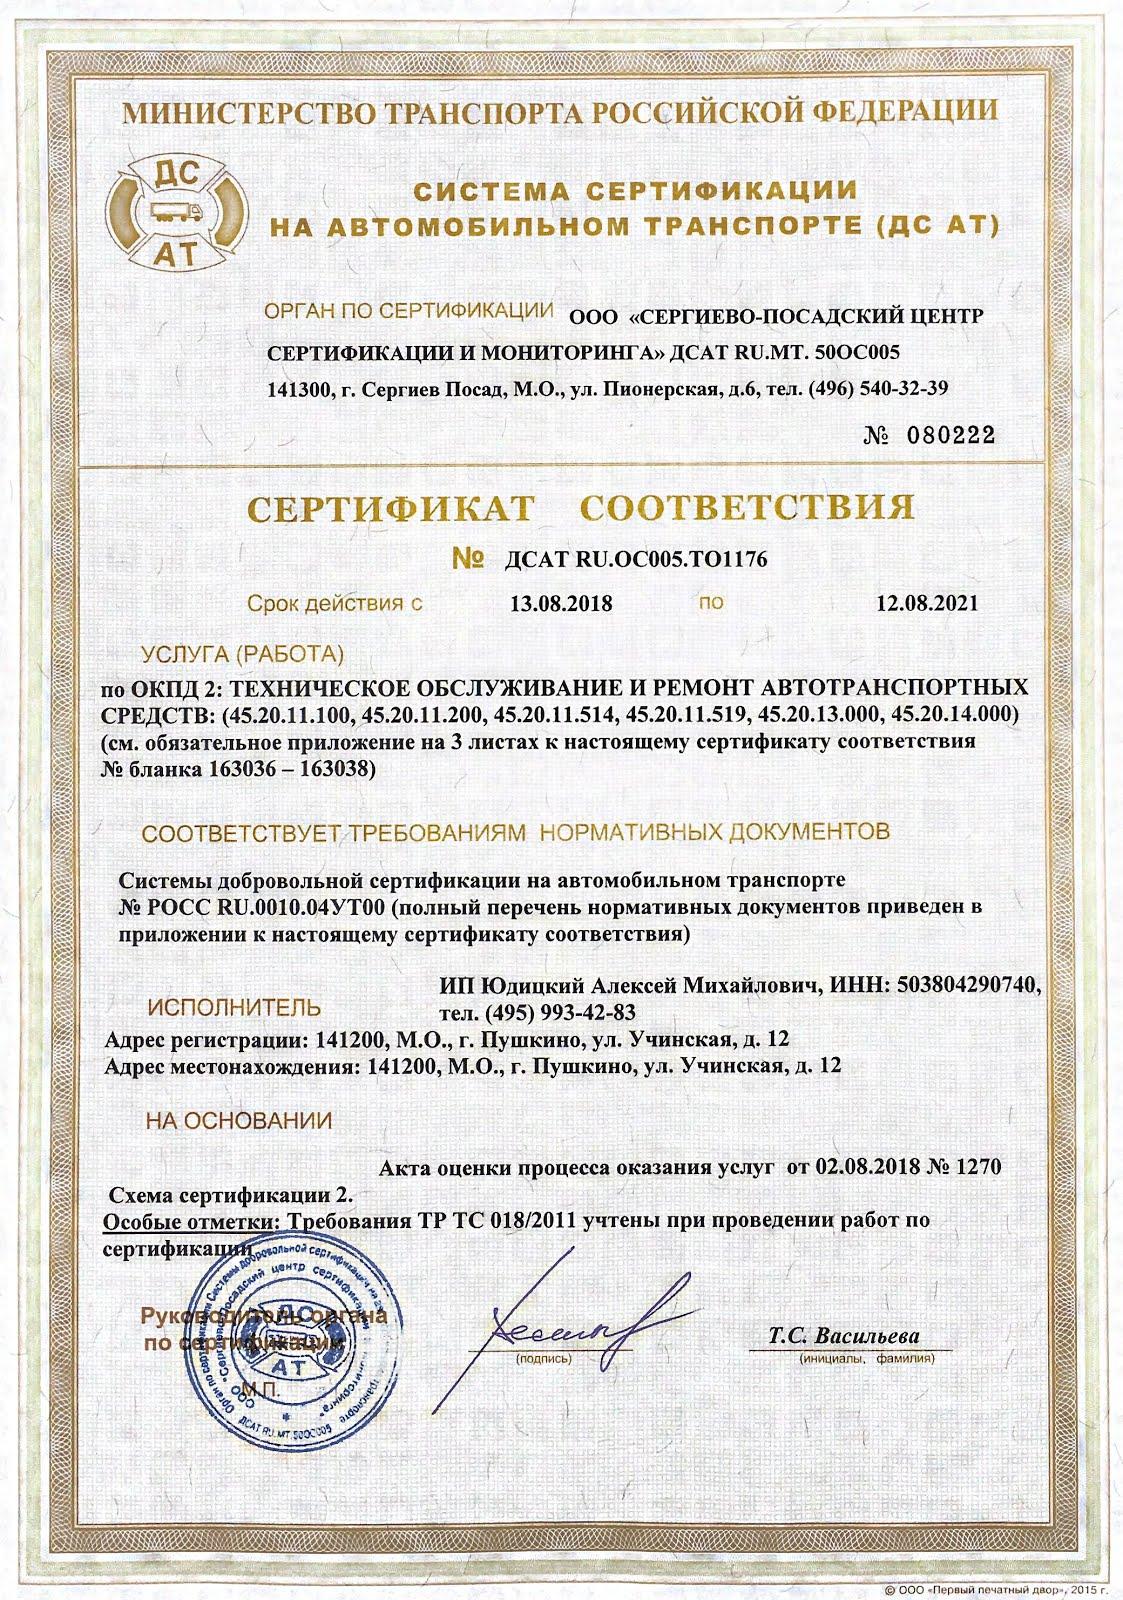 Регистрация ип в пушкино цена образец заполнения квитанции для оплаты госпошлины за регистрацию ооо